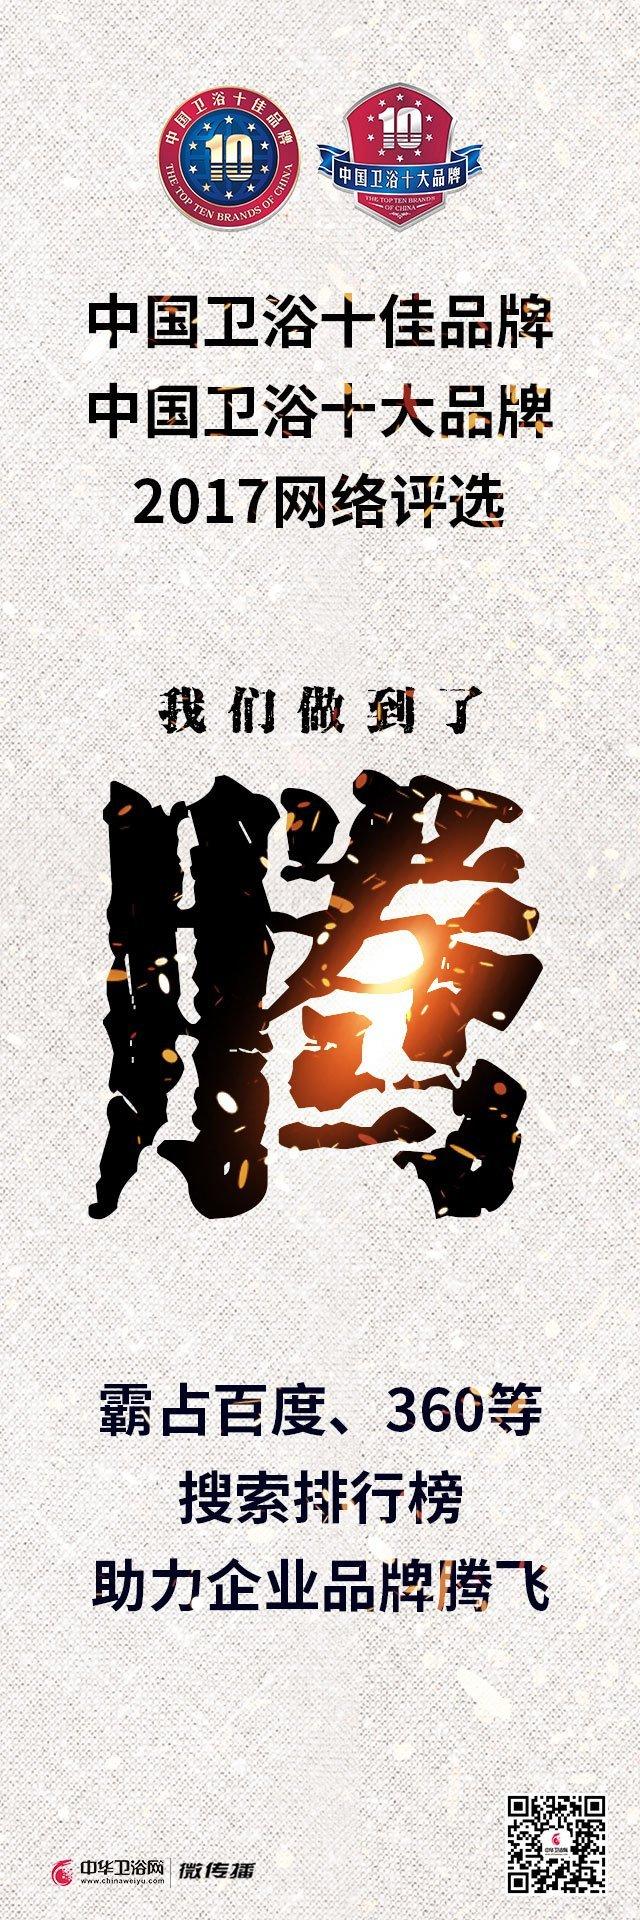 中国卫浴双十品牌-腾